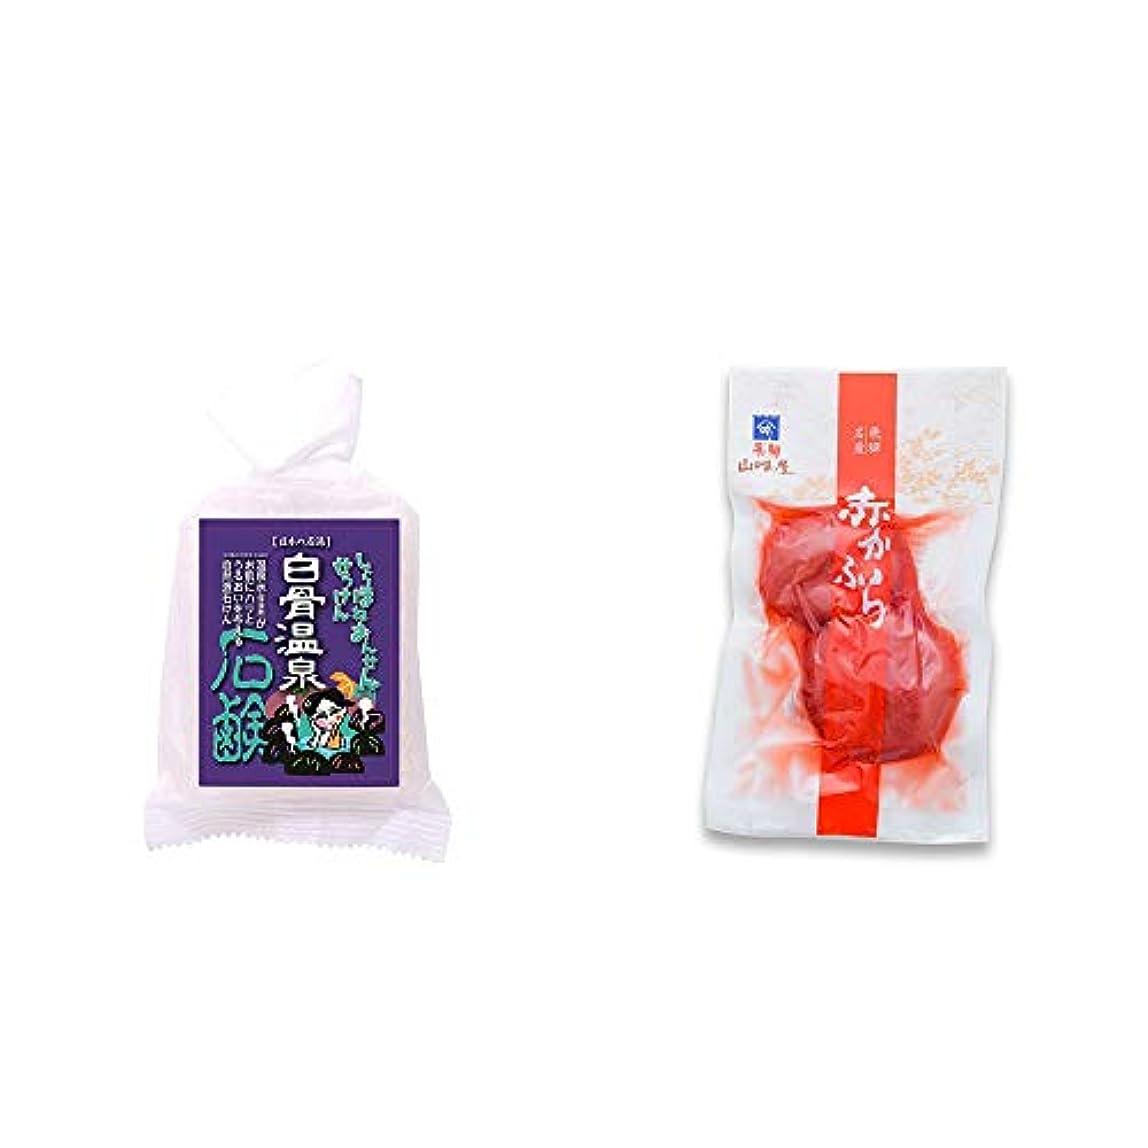 メロディー製品けがをする[2点セット] 信州 白骨温泉石鹸(80g)?飛騨山味屋 赤かぶら【小】(140g)